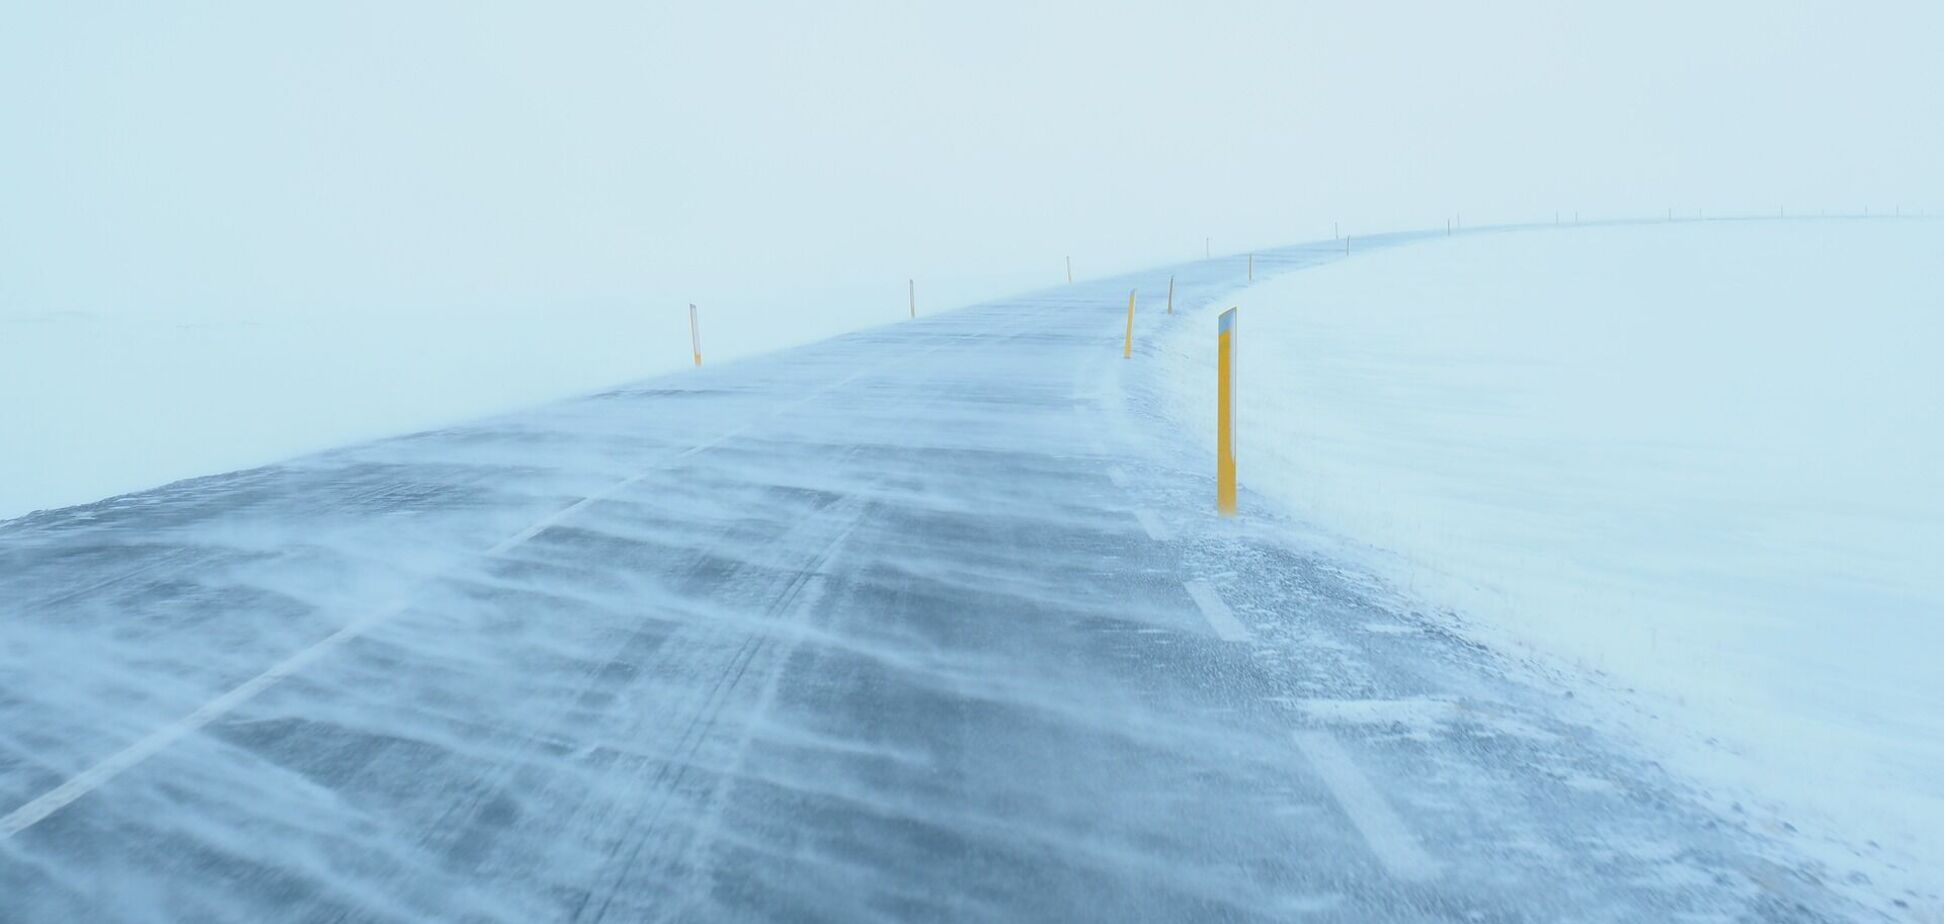 В Украину придет сильный ветер со снегом и дождями: прогноз погоды на понедельник